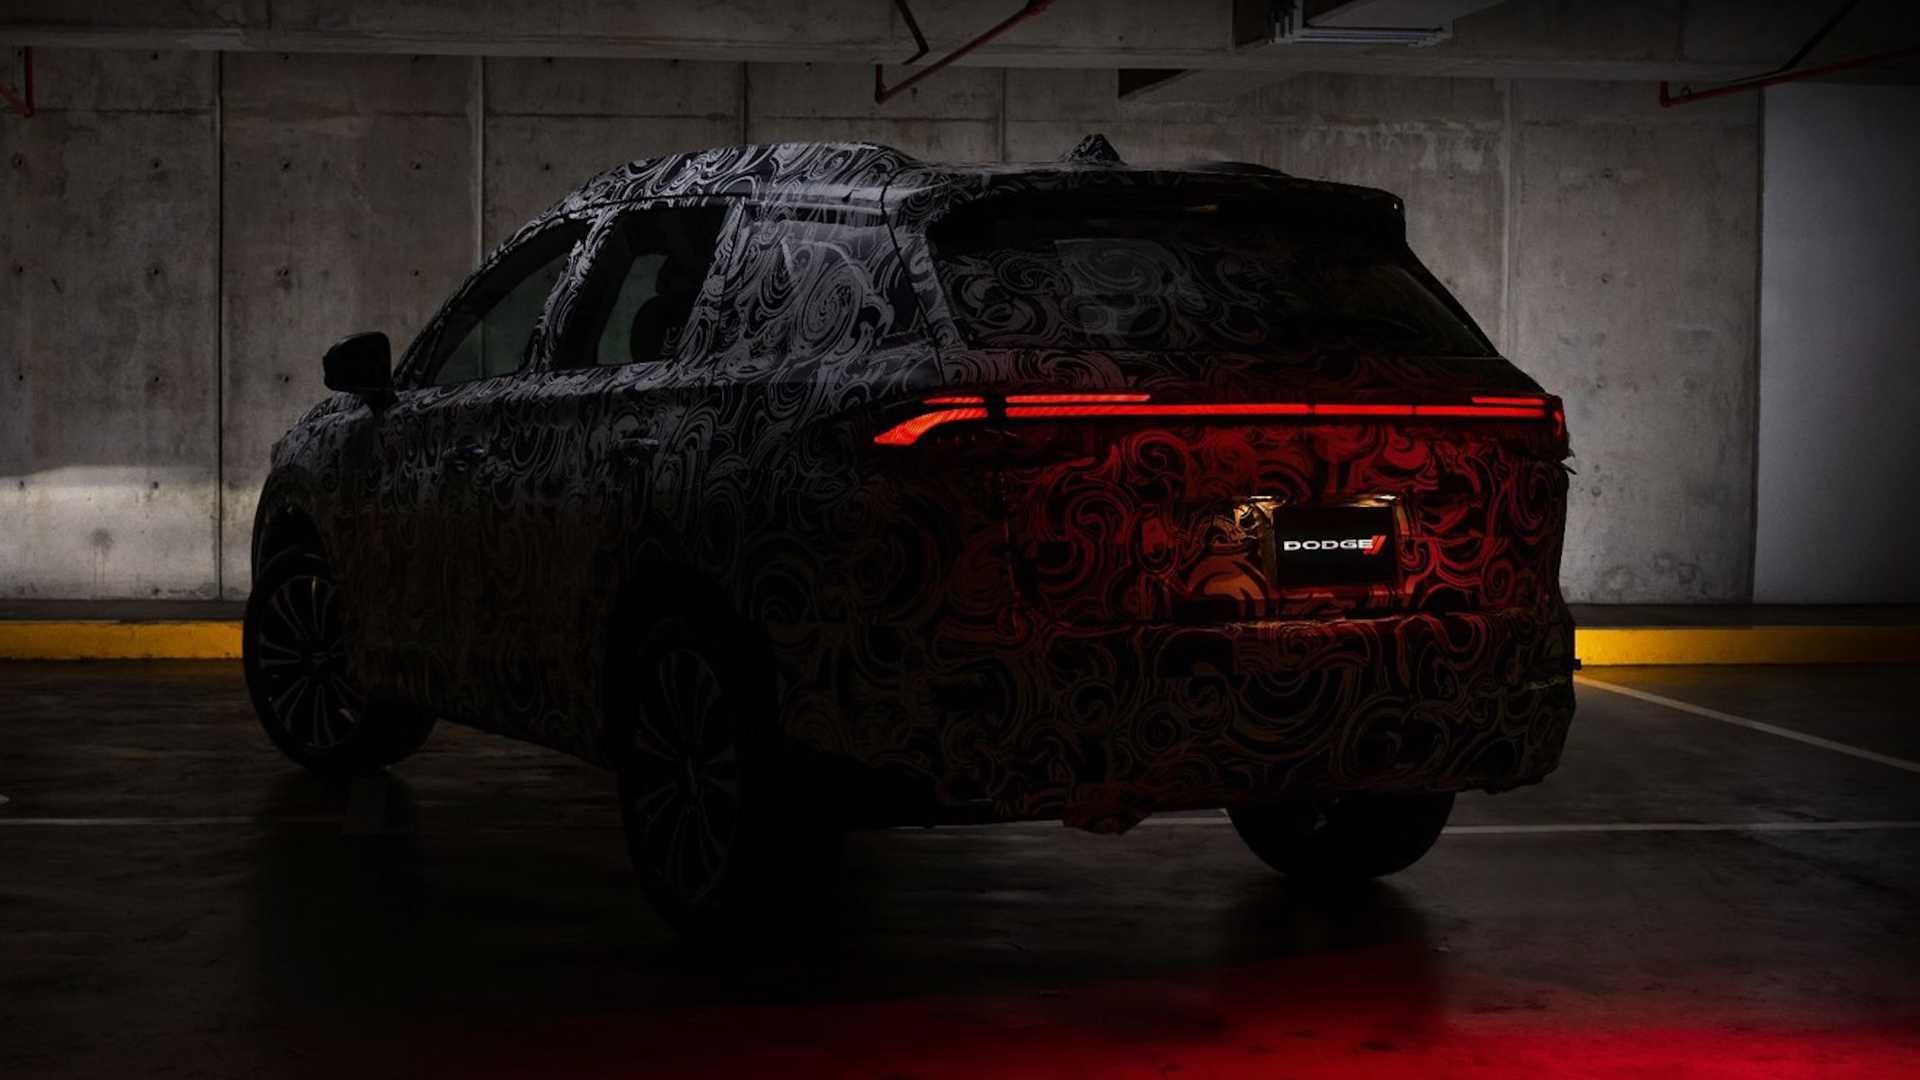 صورة تشويقية لسيارة دودج الرياضية ذات الاستخدامات المتعددة